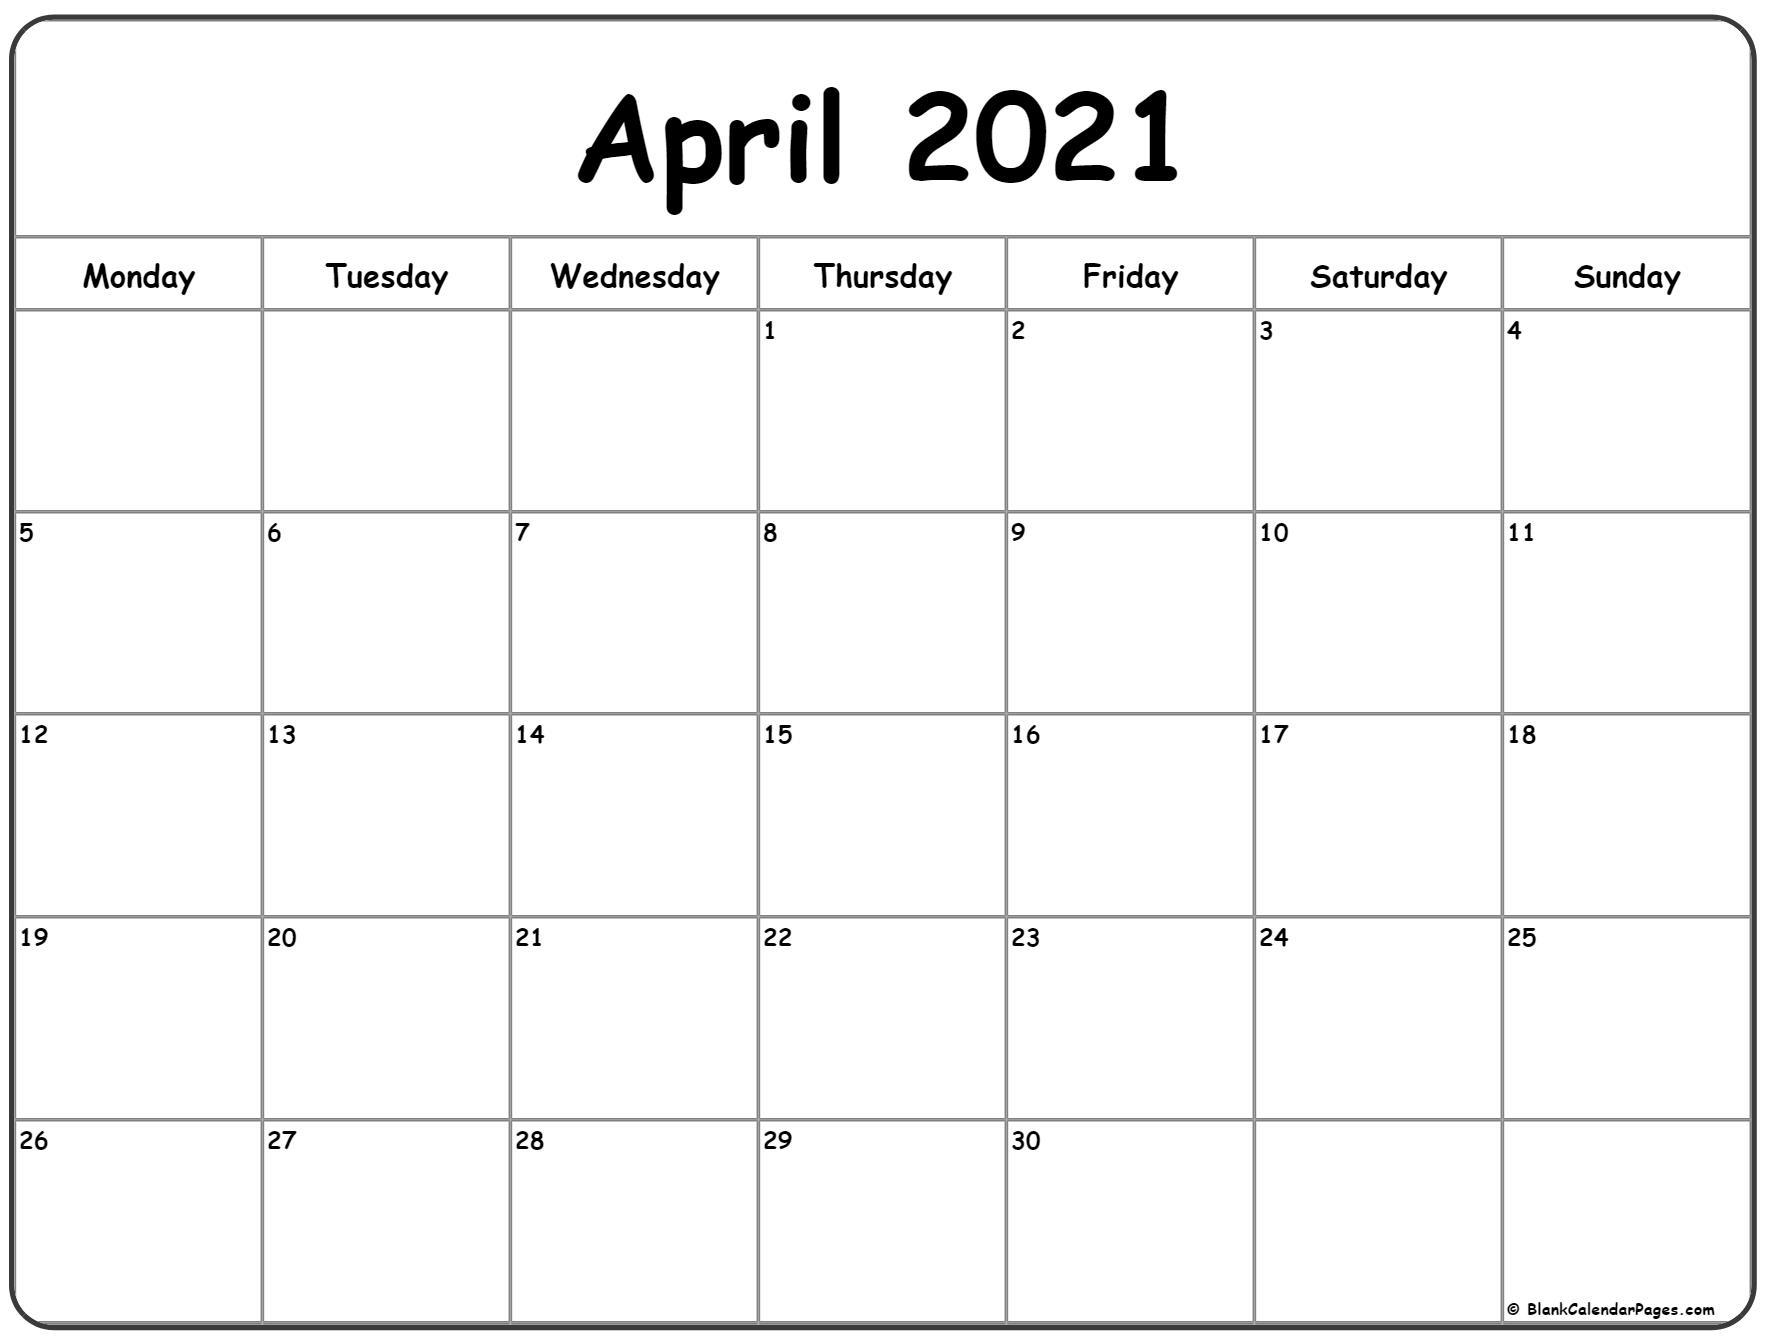 April 2021 Monday Calendar | Monday To Sunday